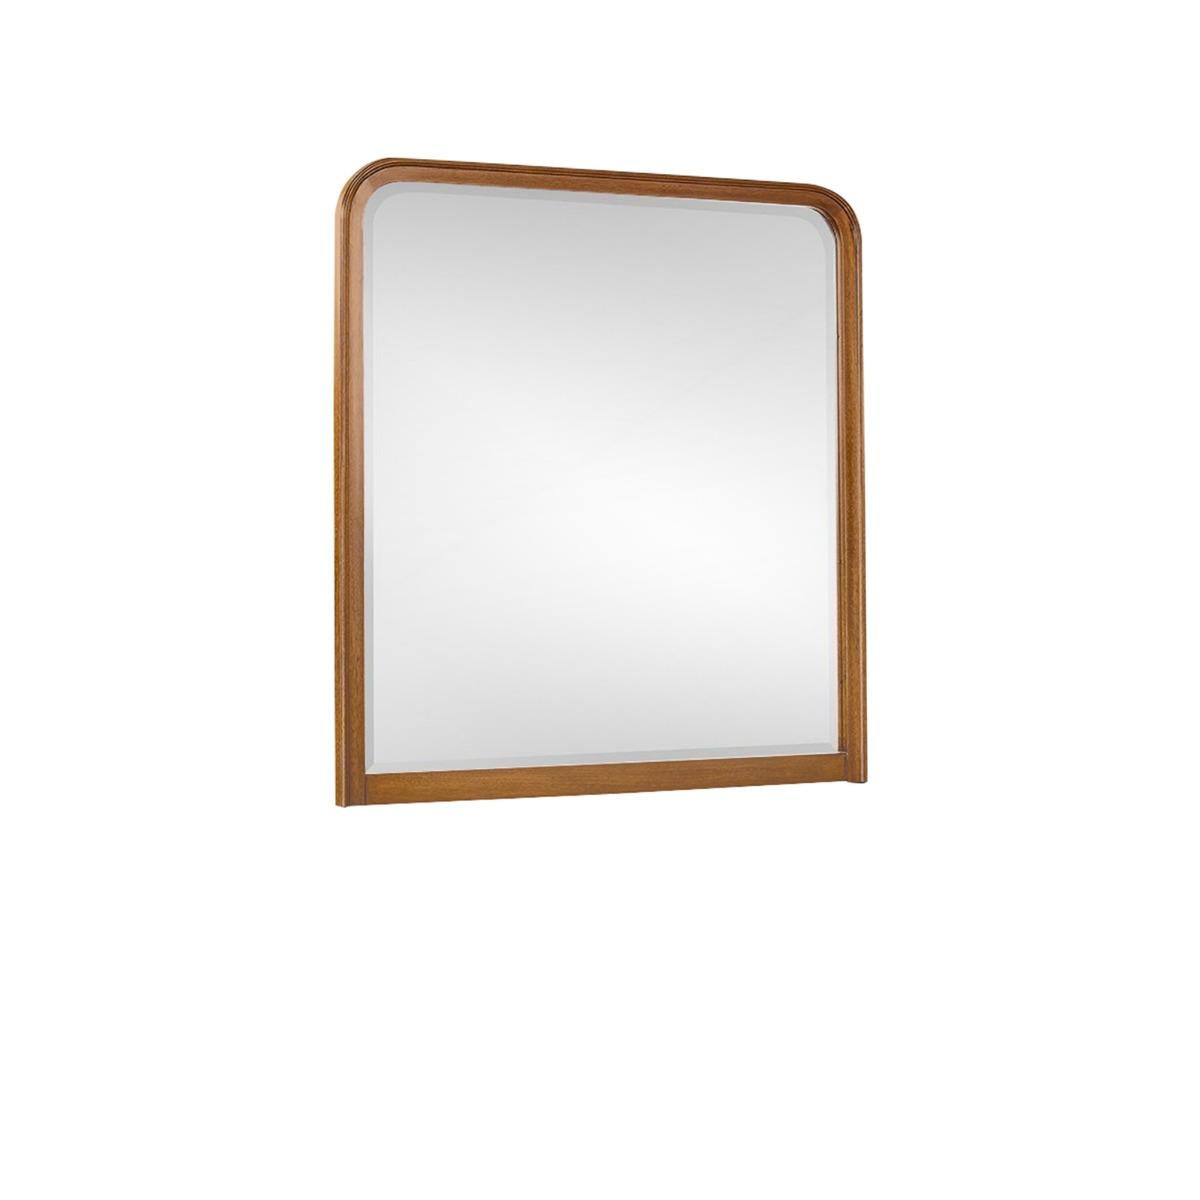 Audrey Dresser Mirror in Red Chestnut